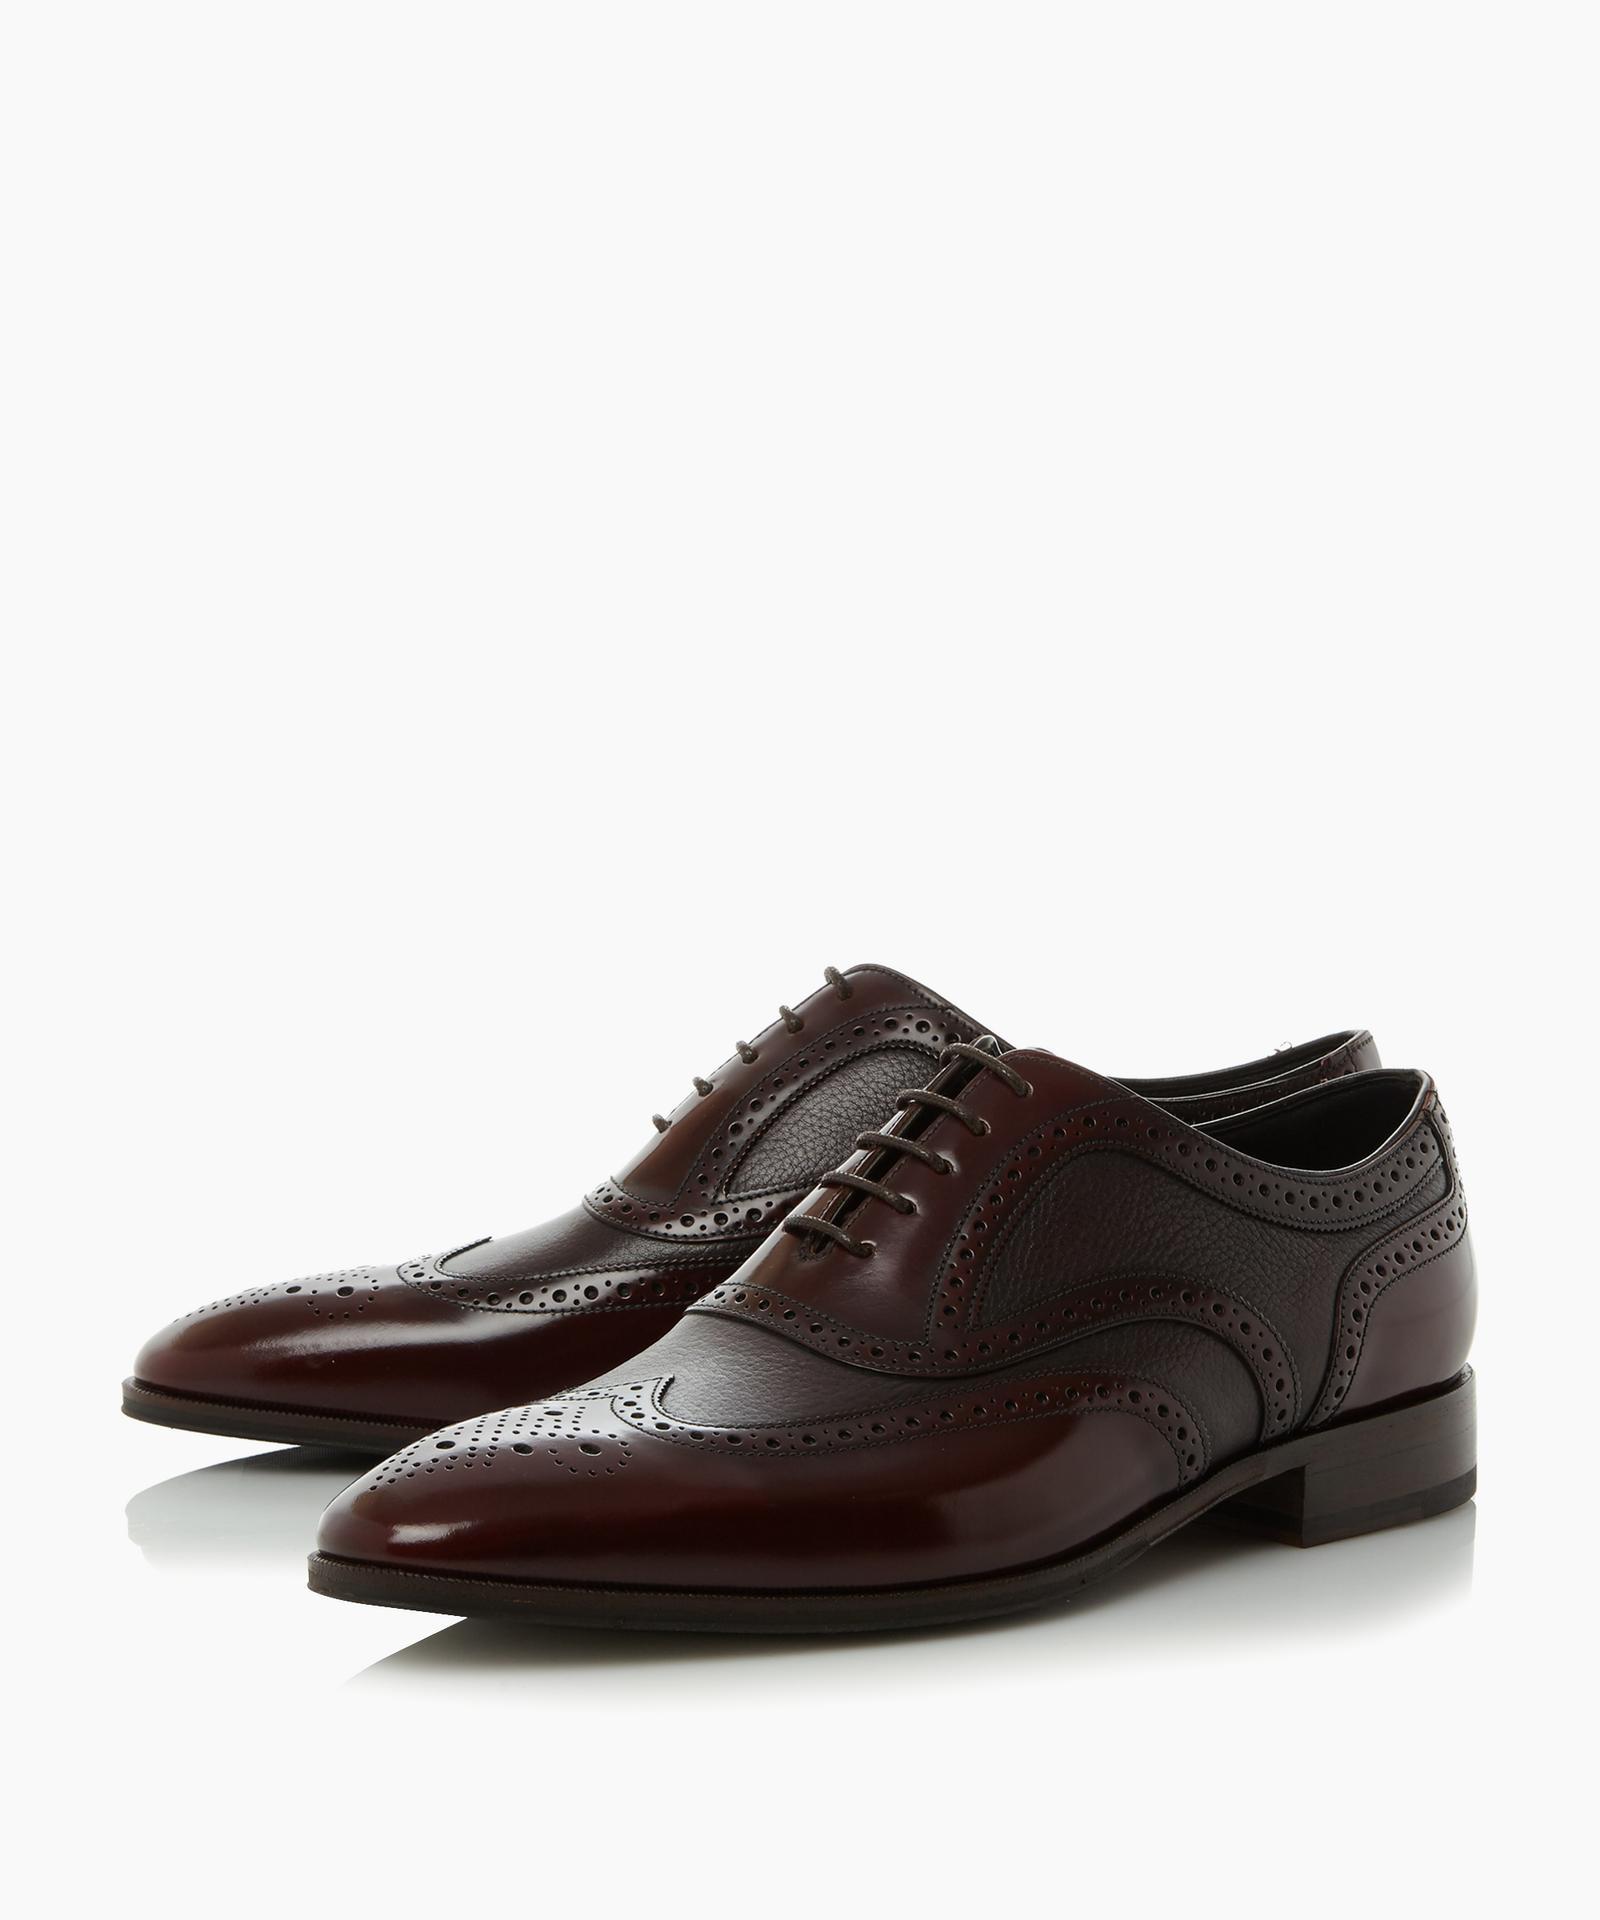 Zapatos - LOAKE LIFESTYLE -...